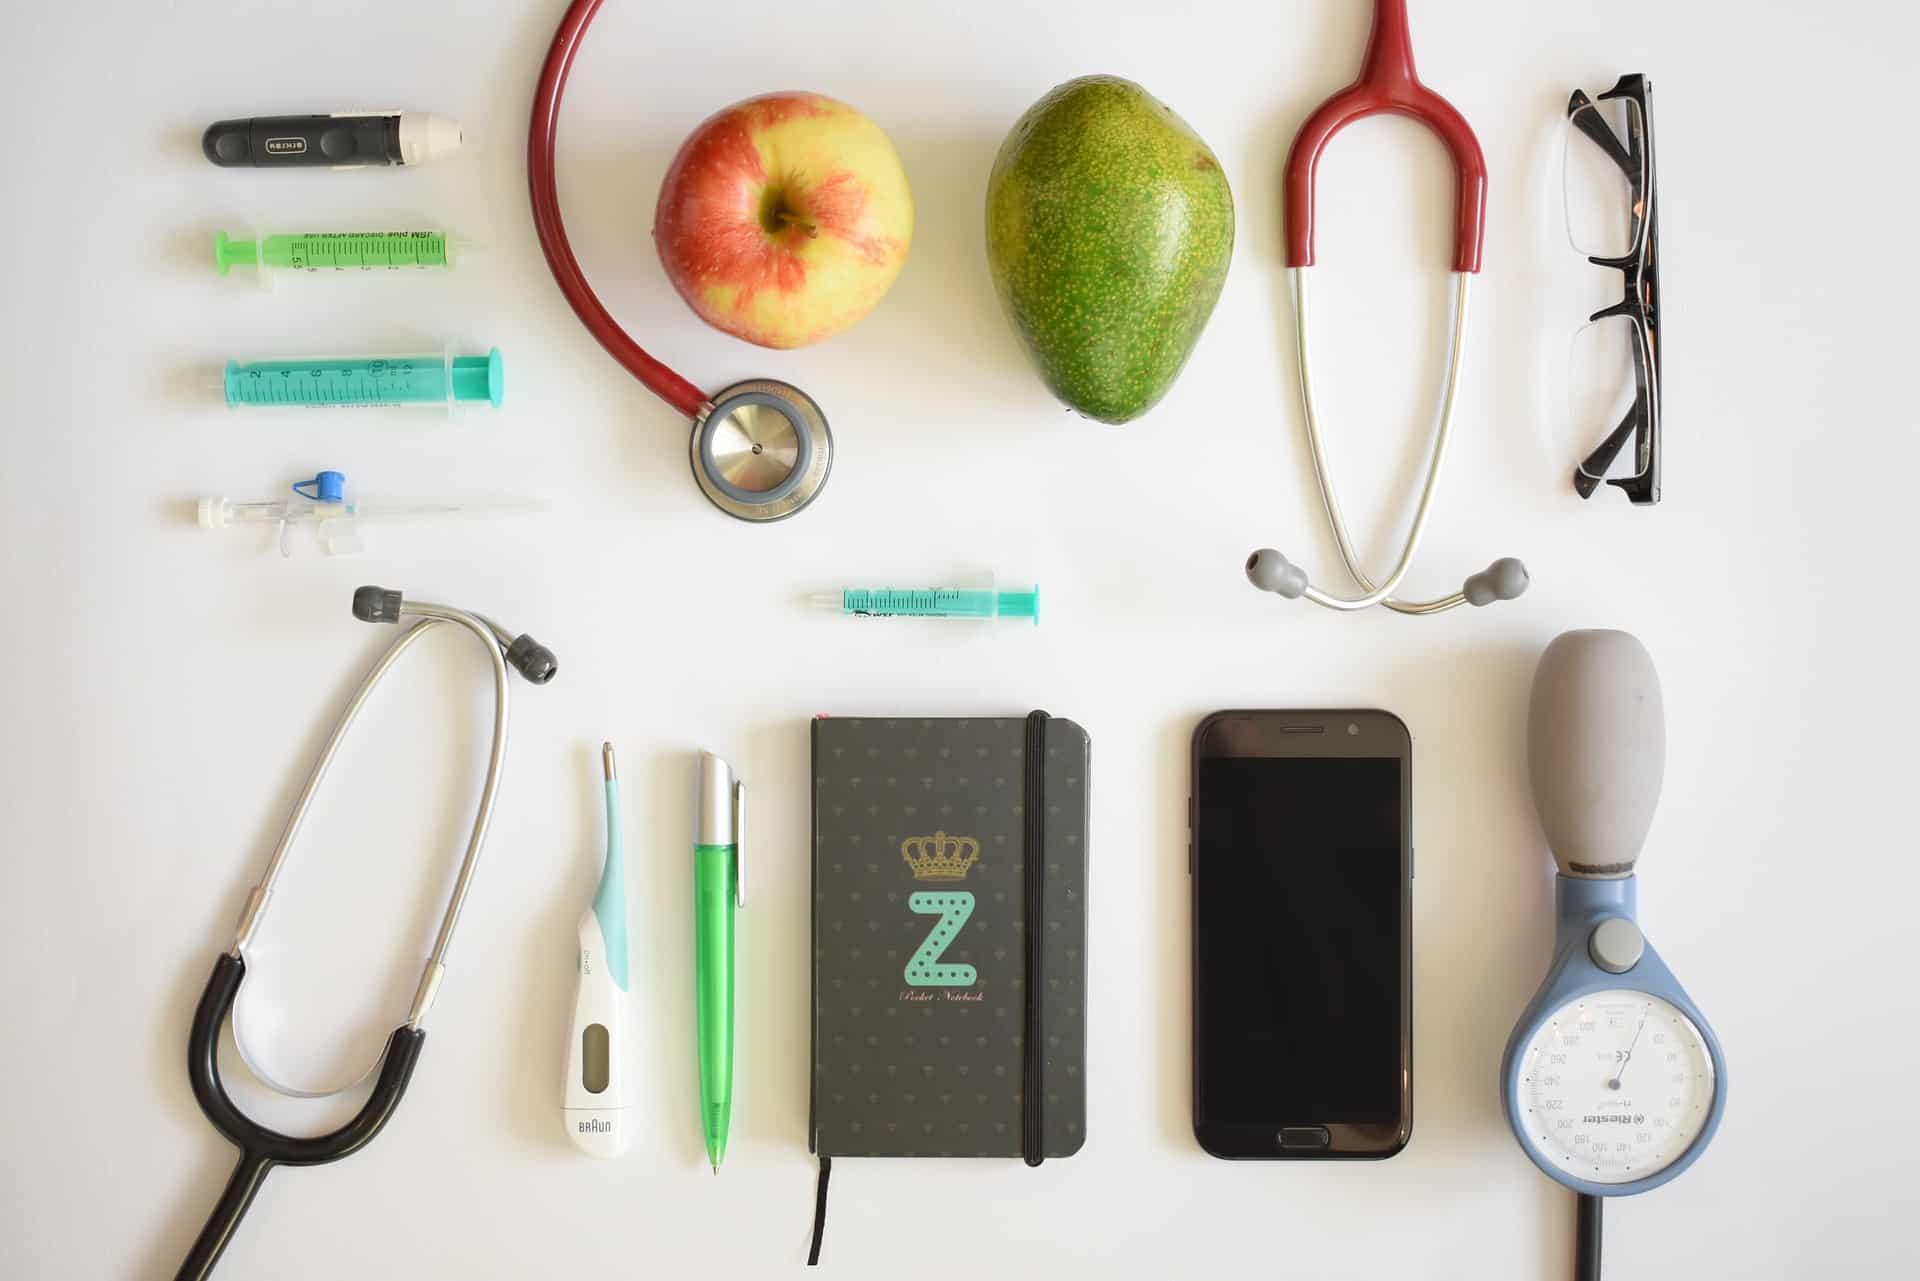 magas vérnyomás dekódolása magas vérnyomás szívkezelése